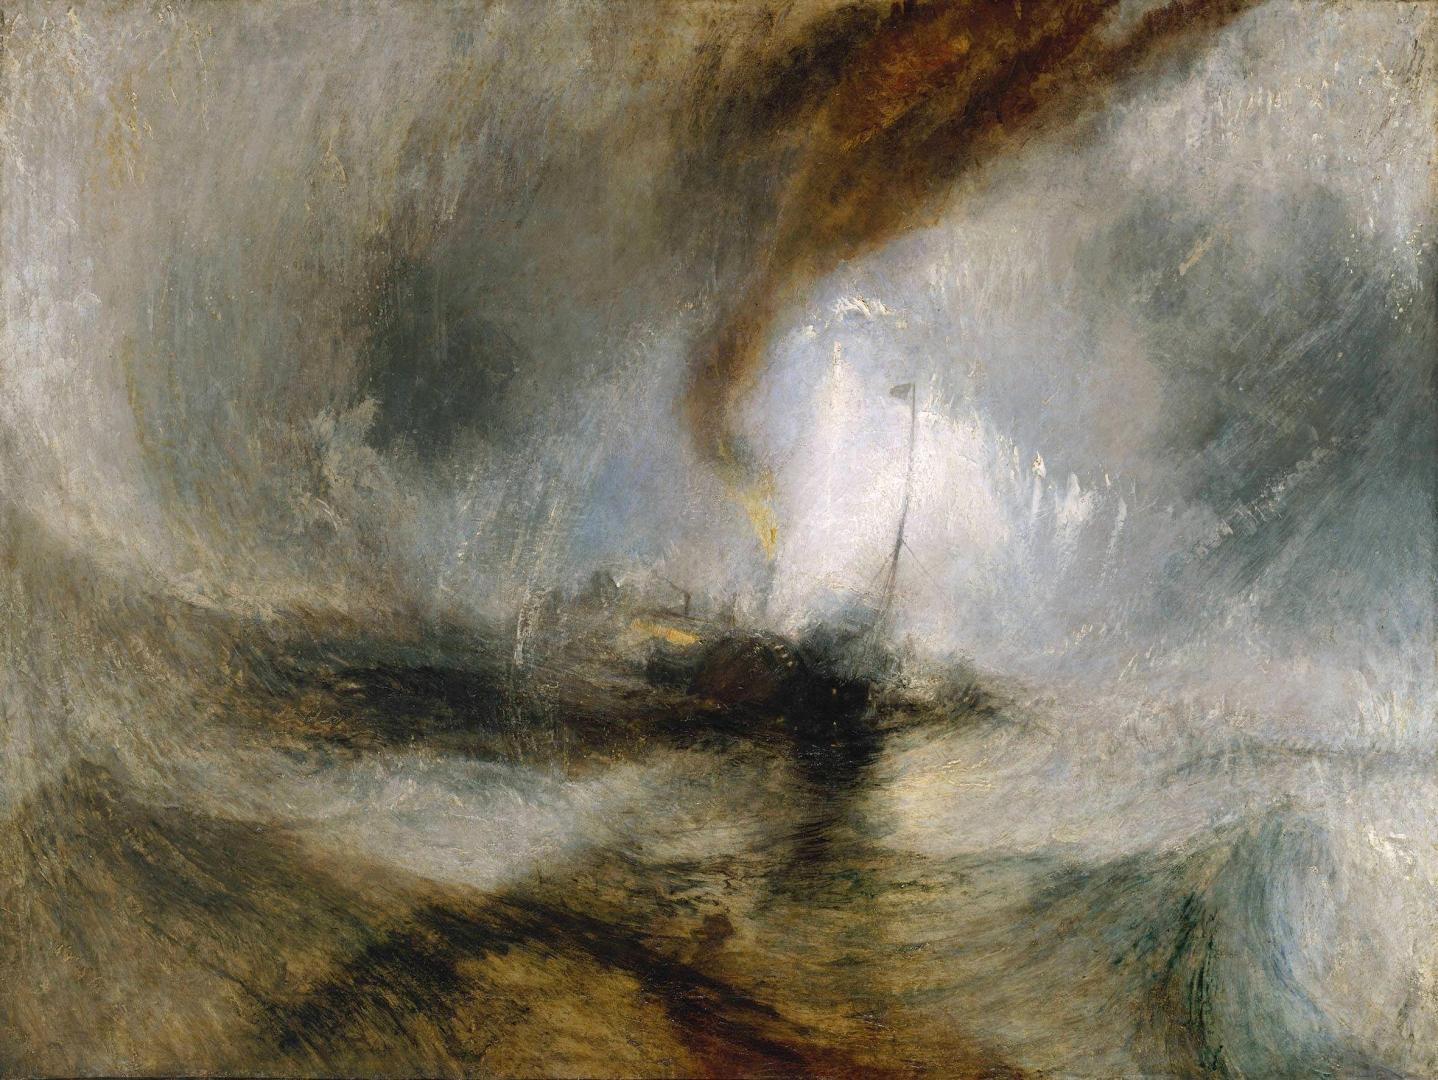 Метель. Пароход выходит из гавани и подает сигнал бедствия, попав в мелководье. 1842